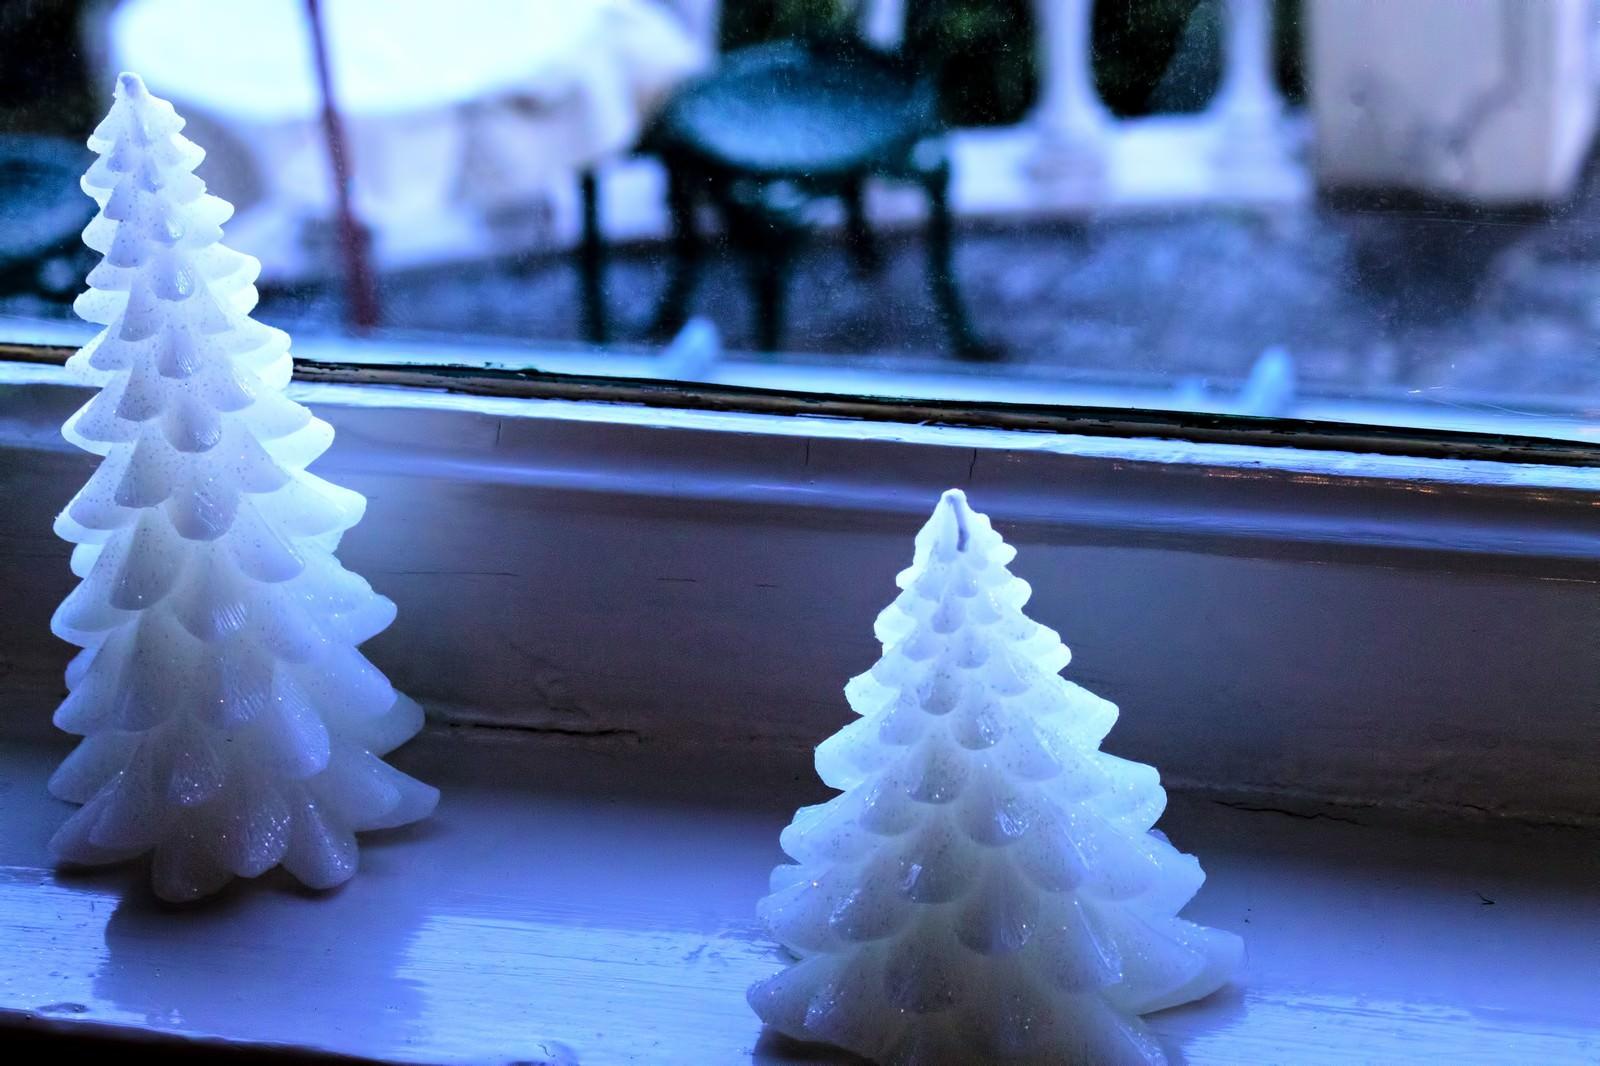 「外を伺うクリスマスツリー(ろうそく)外を伺うクリスマスツリー(ろうそく)」のフリー写真素材を拡大